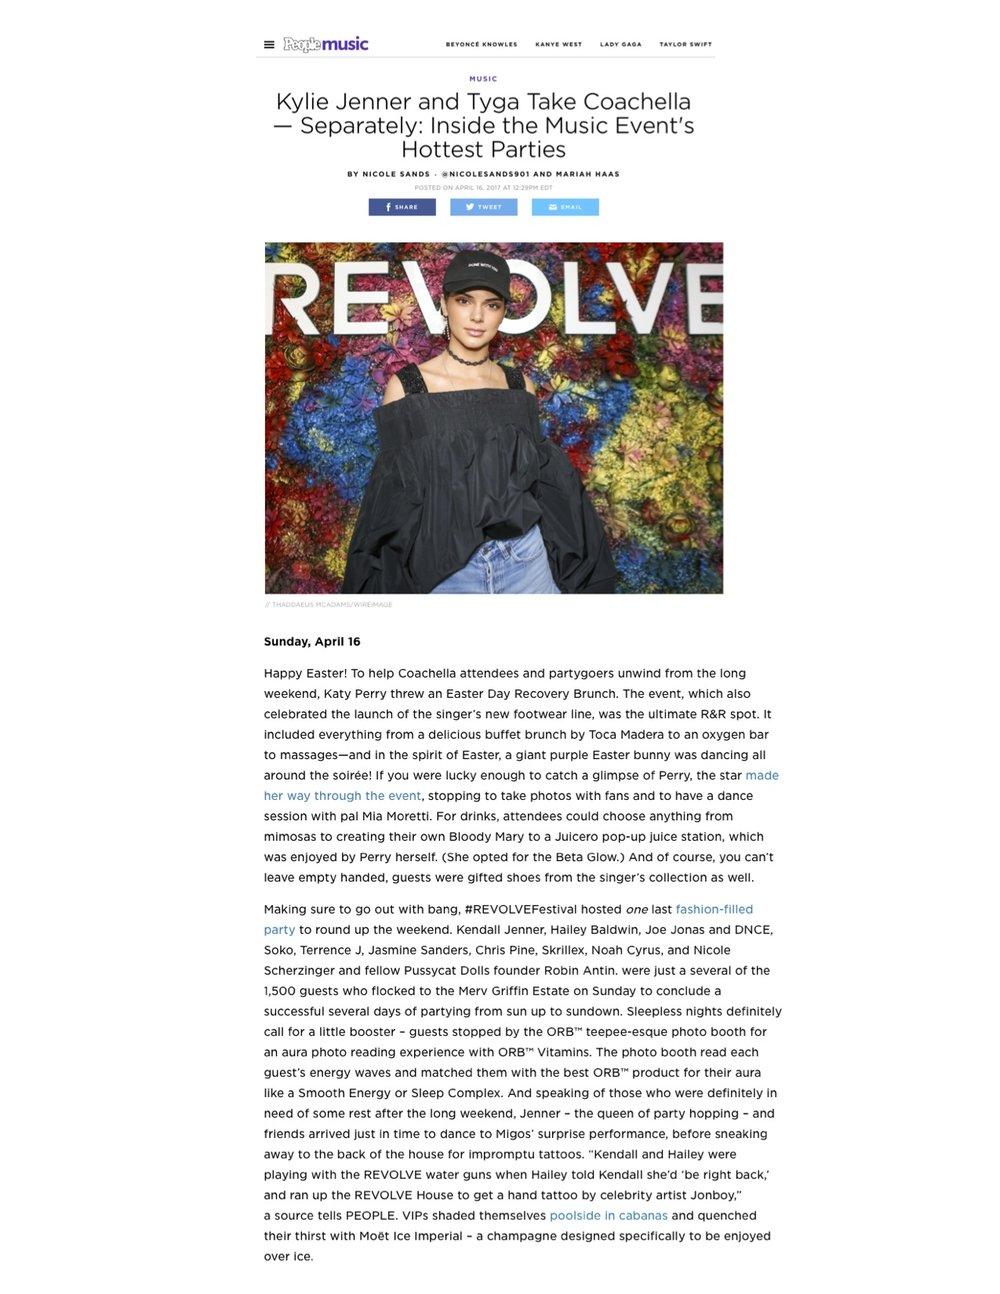 People.com - Kendall Jenner - REVOLVE Festival.jpg